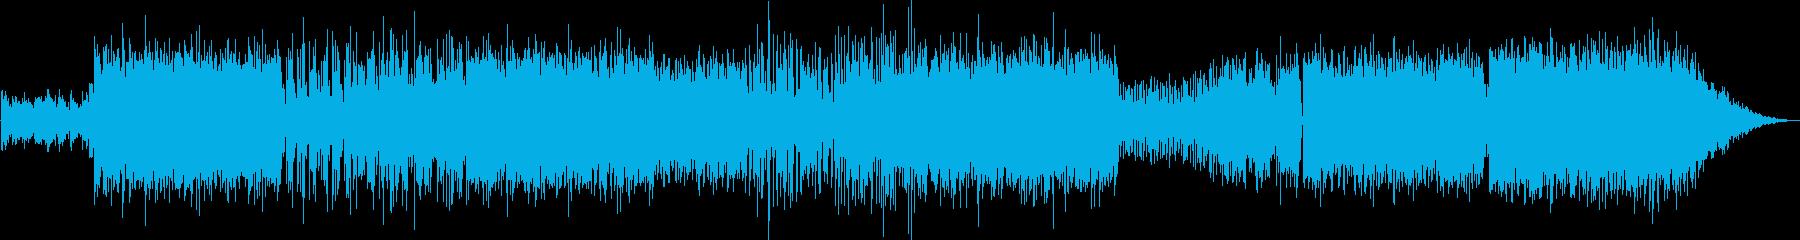 キラキラしたサウンドでサンバなポップスの再生済みの波形